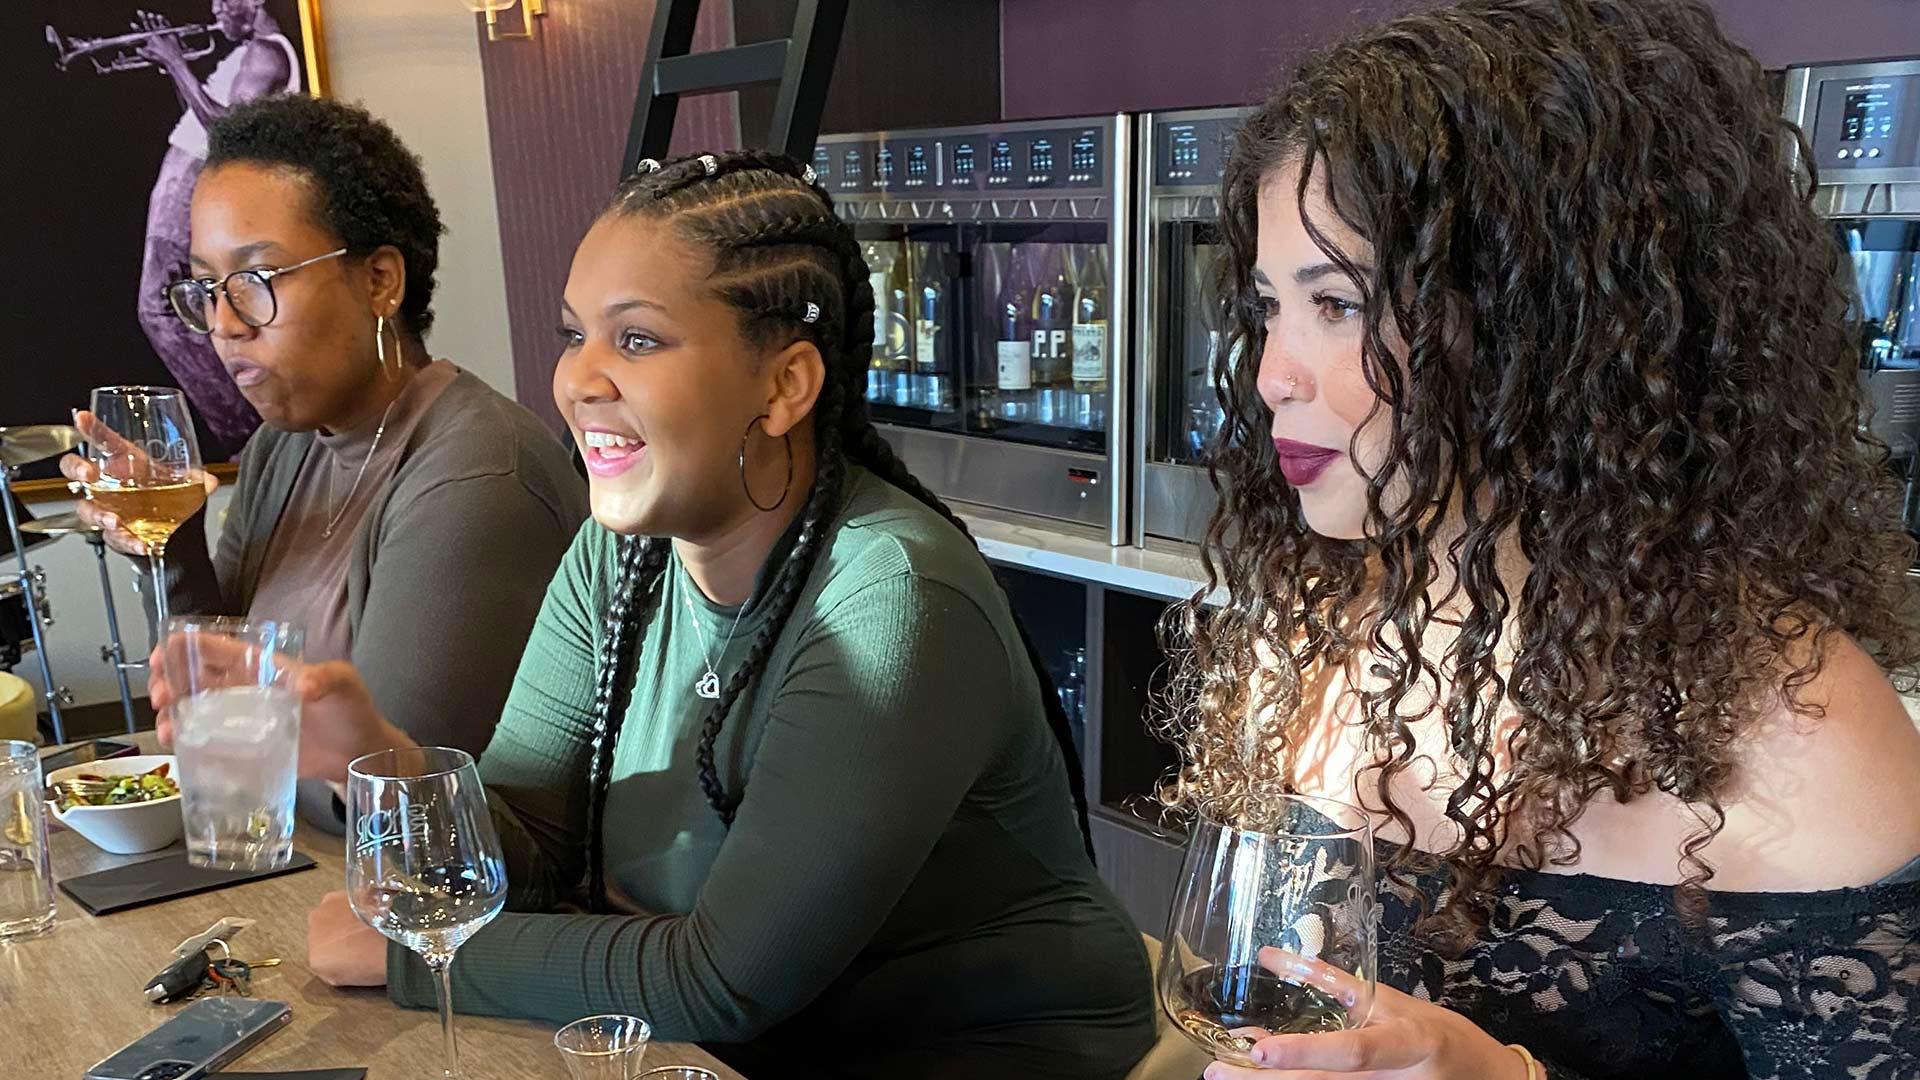 Rock Perks Spotlight - GRNoir Wine & Jazz Bar